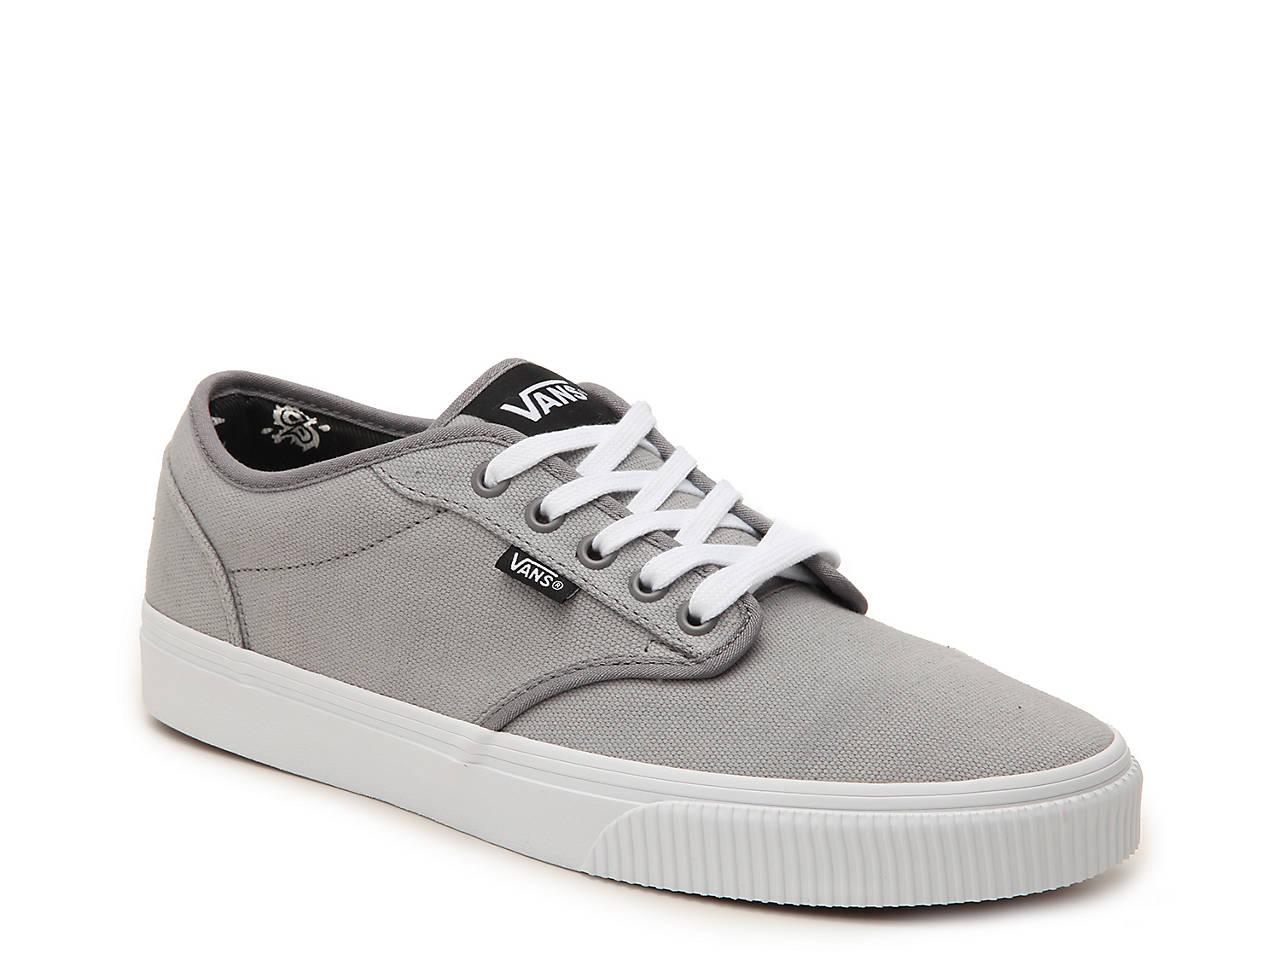 49065345b1 Vans Atwood Sneaker - Men s Men s Shoes